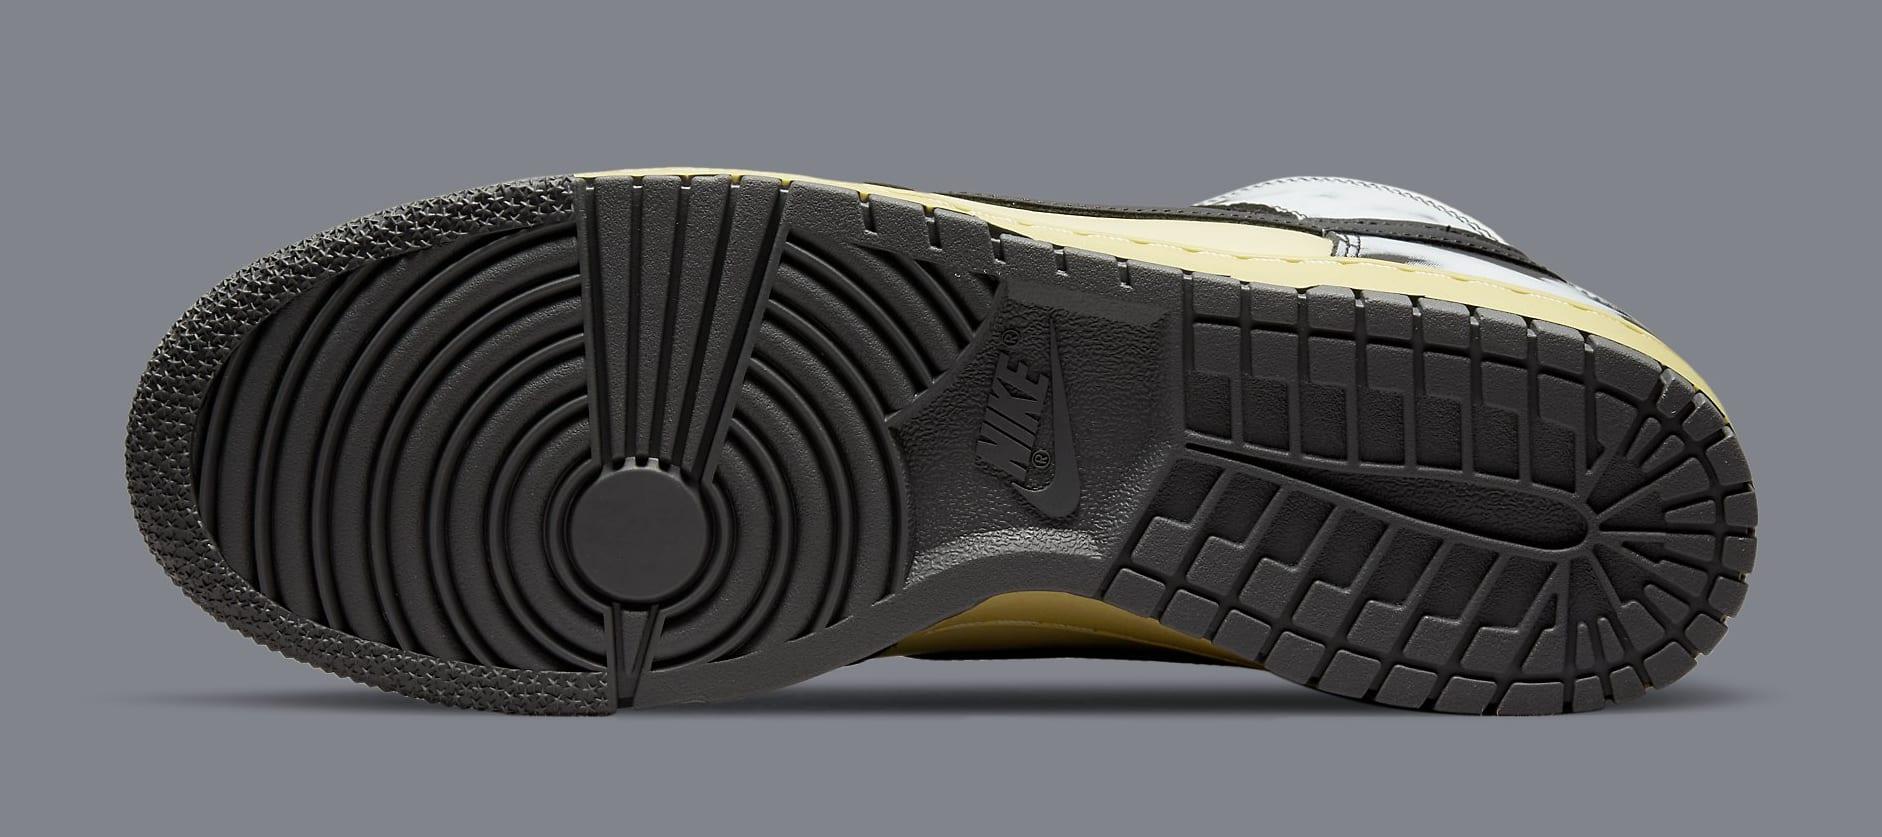 Nike Dunk High 'Acid Wash' DD9404-700 Outsole